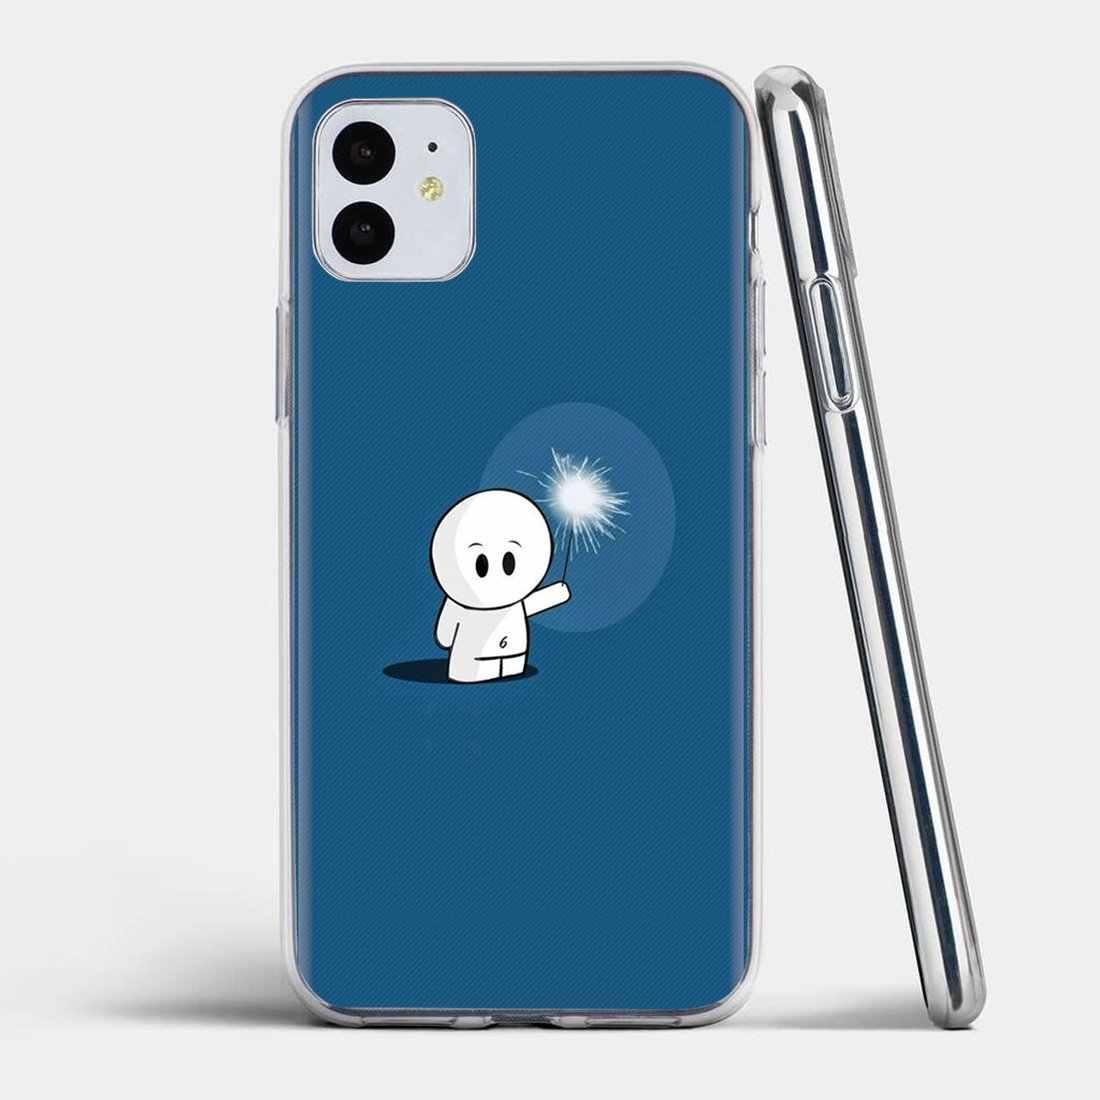 銀河鉄道 999 壁紙 Iphone 11 プロ 4 4s 5 5s Se 5c 6 6s 7 8 Xr Xs プラス最大 Ipod Touch のソフト Tpu 電話カバー フィットケース Aliexpress